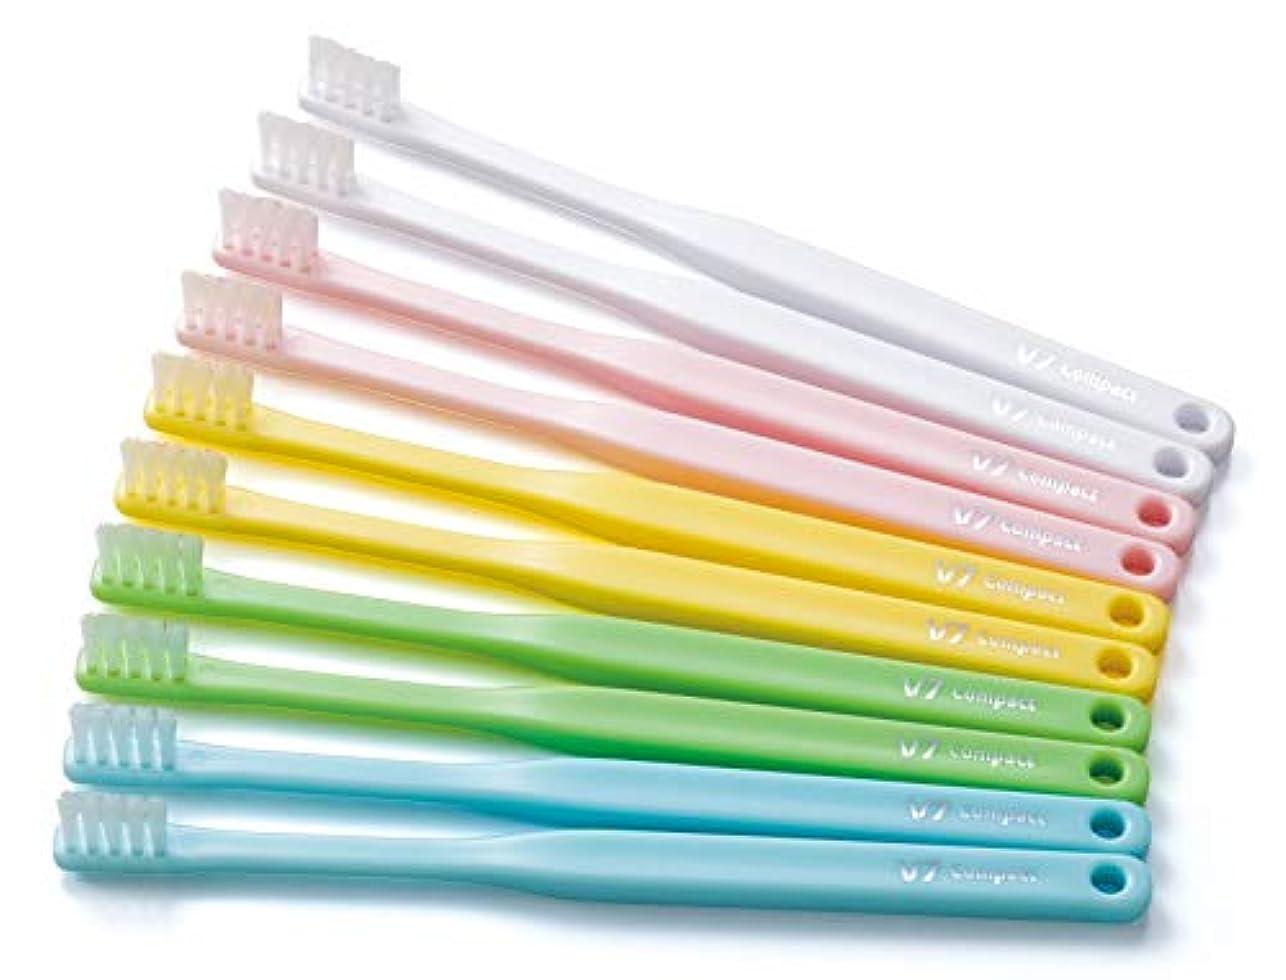 スカートモバイルネットつまようじ法 歯ブラシ V-7 コンパクトヘッド 歯科向け 10本入